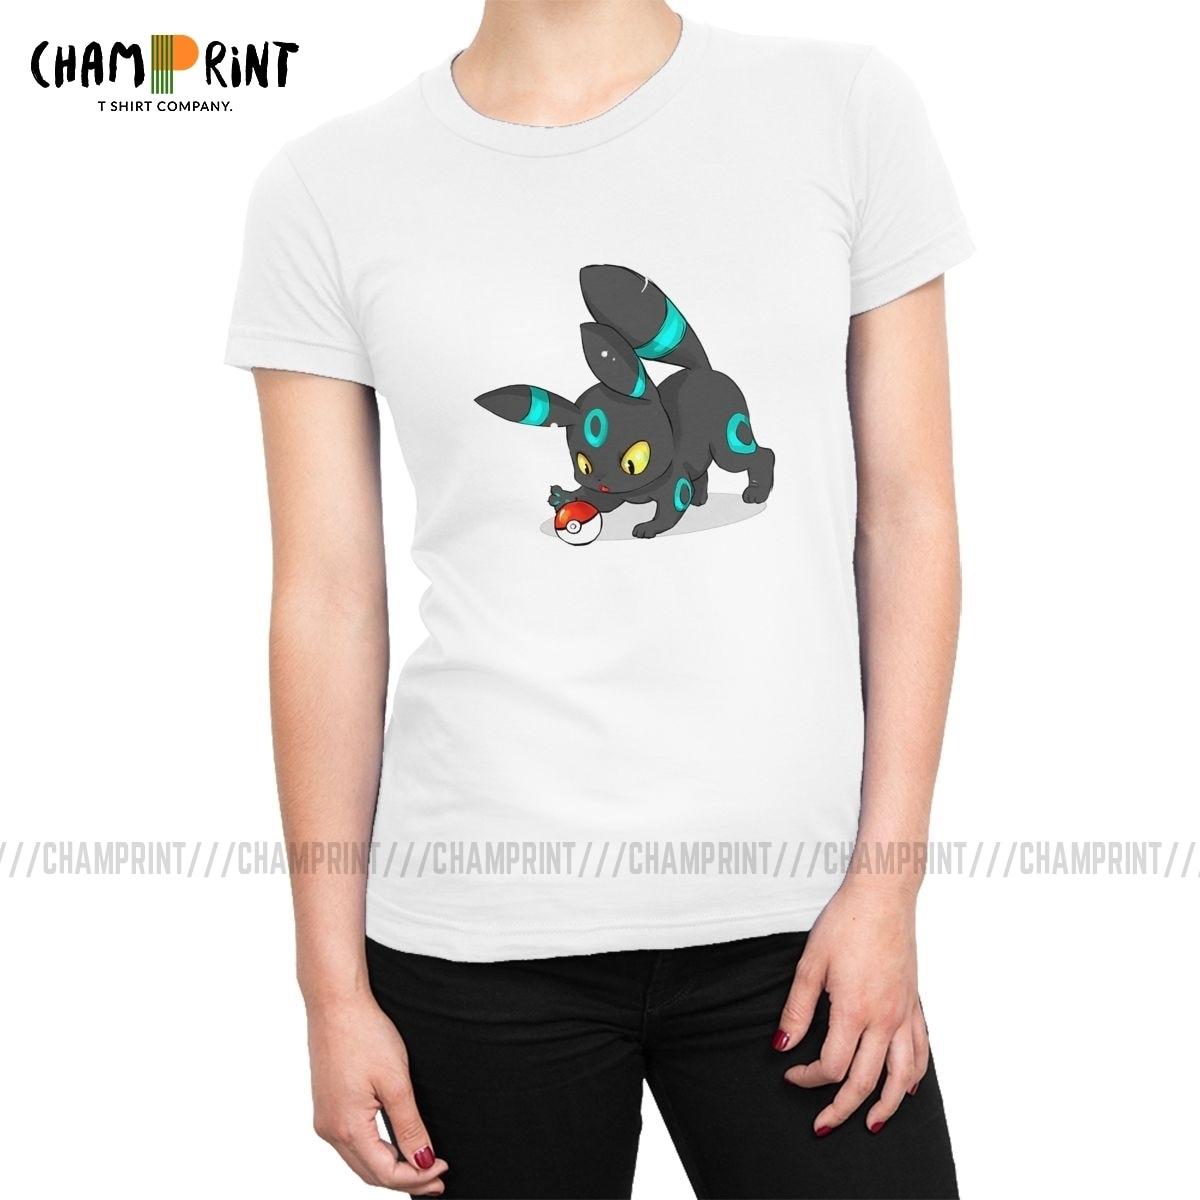 Brillante Umbreon Pokeball Pokemon Pikachu Anime T camisas de las mujeres de moda camisetas de cuello redondo Camiseta, Tops de verano, ropa mujer